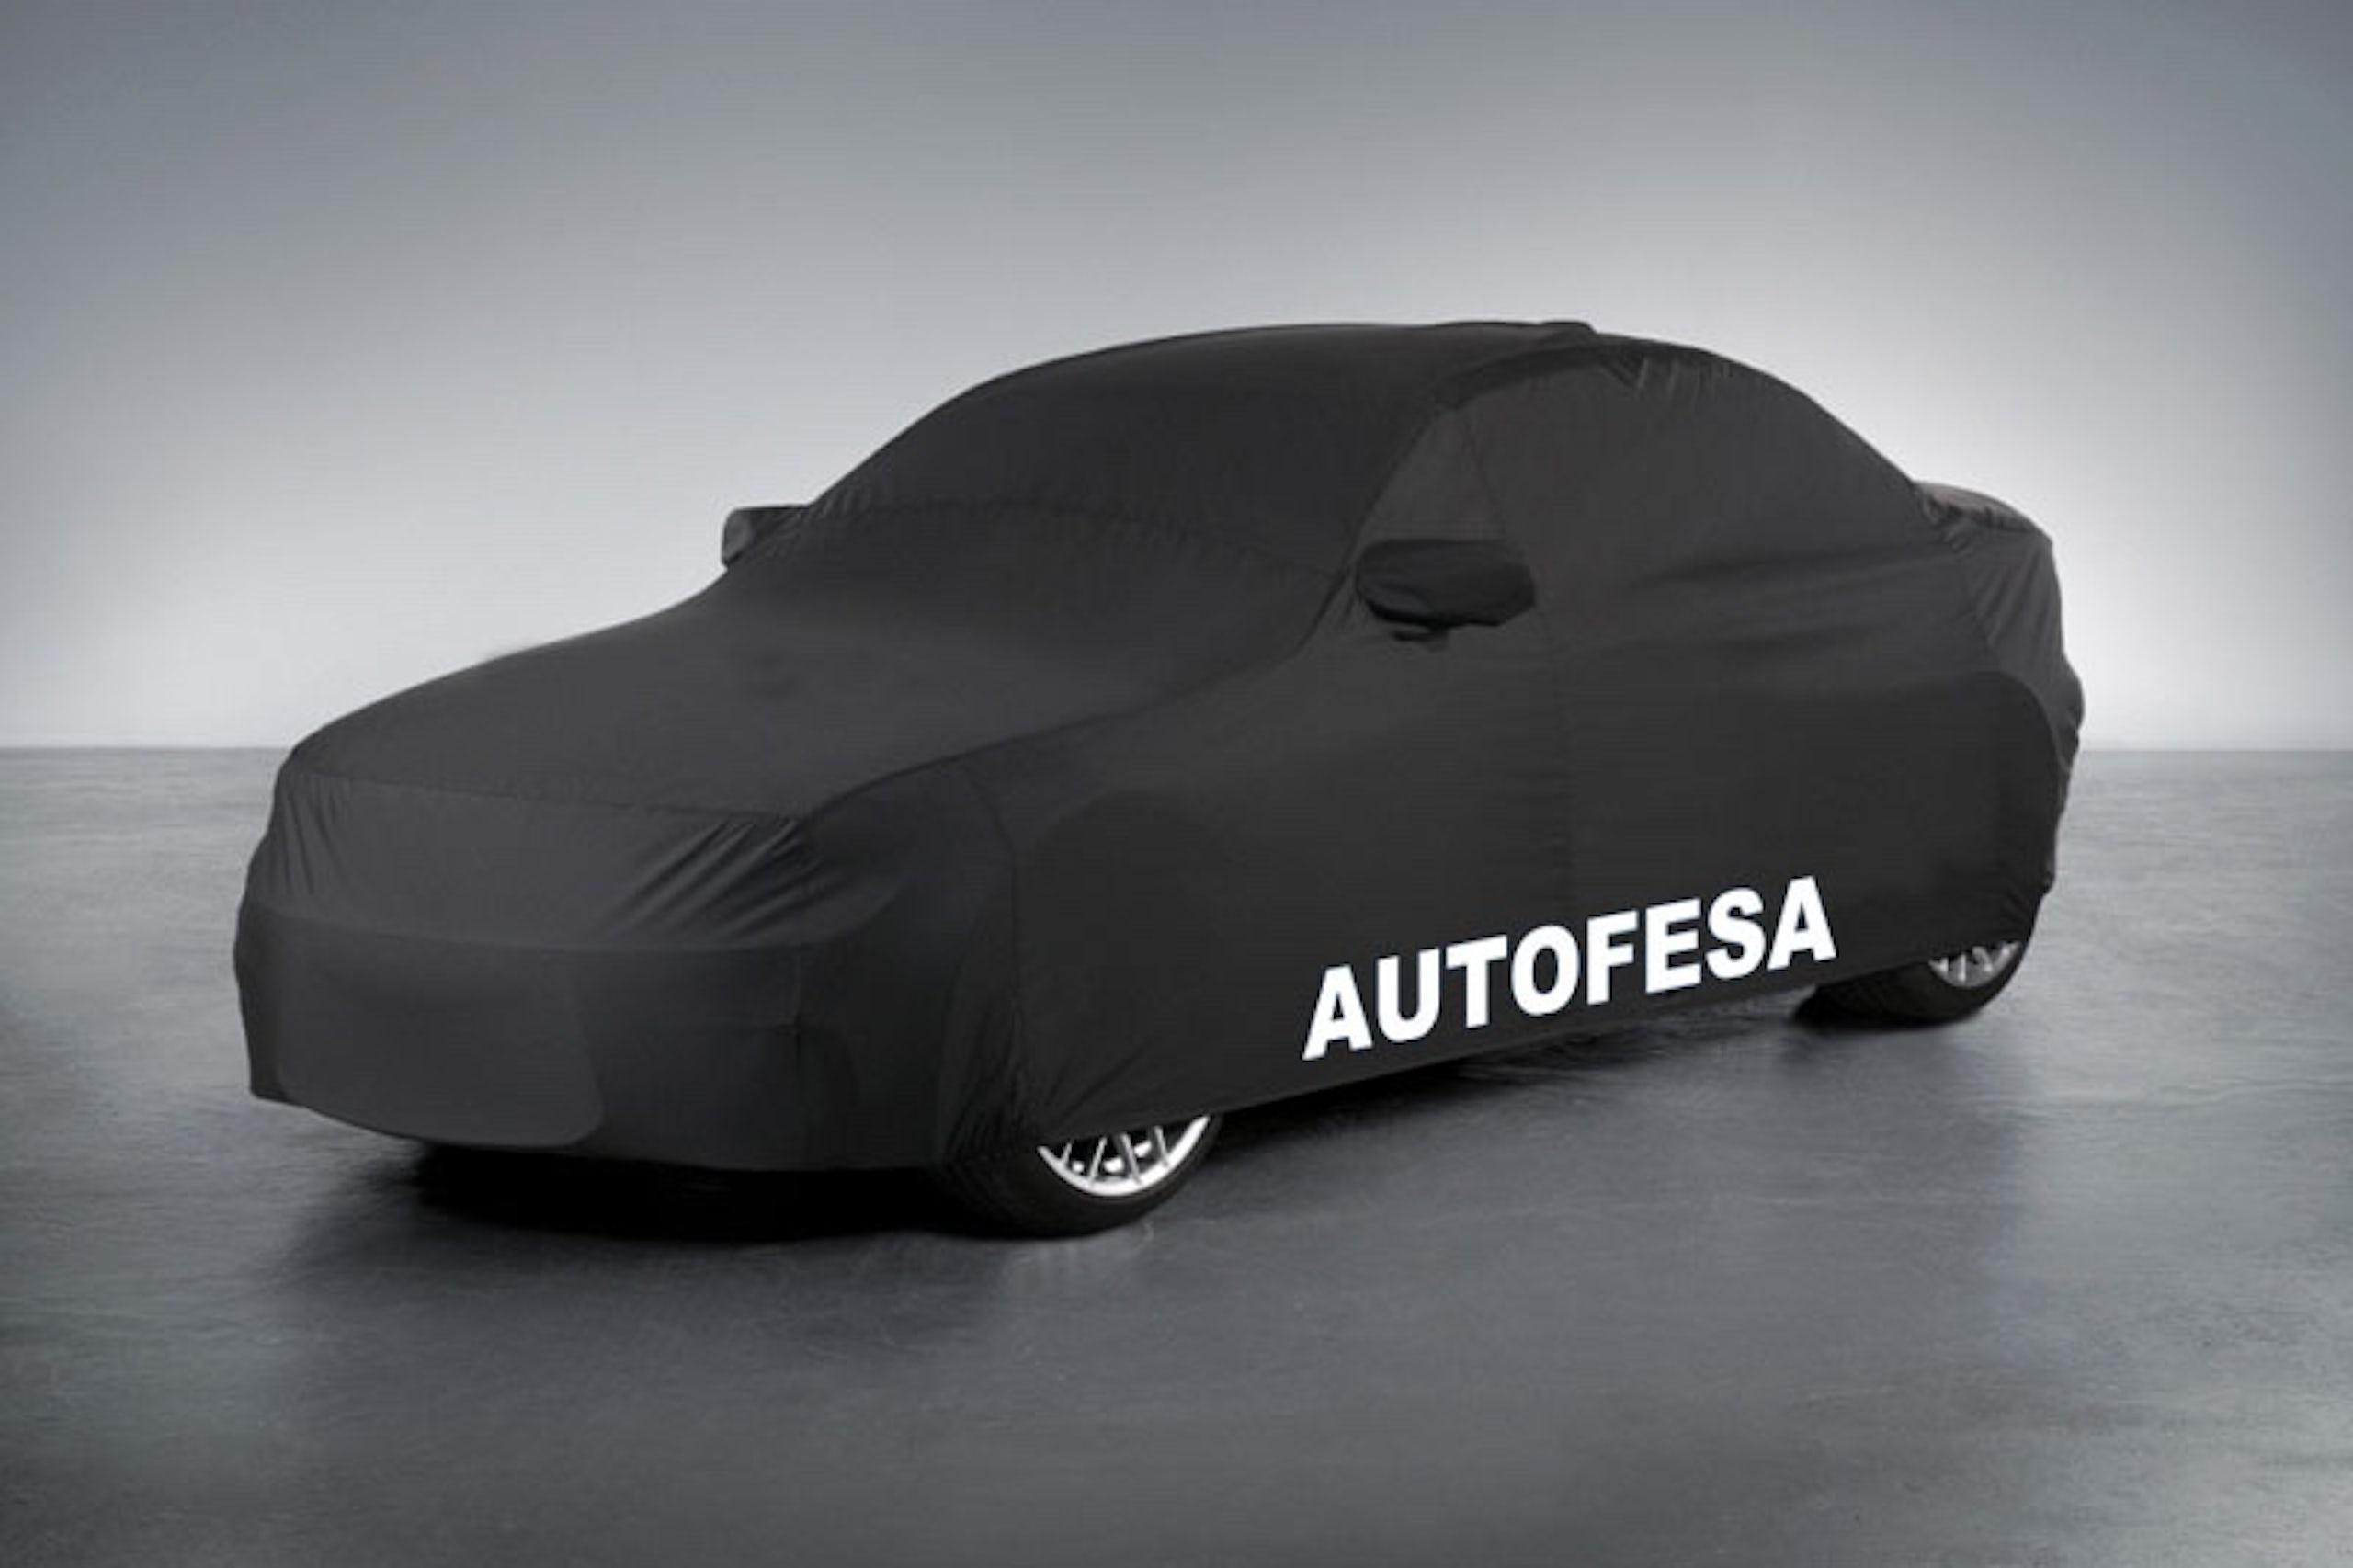 Audi Q7 3.0 TDI 233cv quattro Tiptronic 5p 7plz Auto - Foto 21